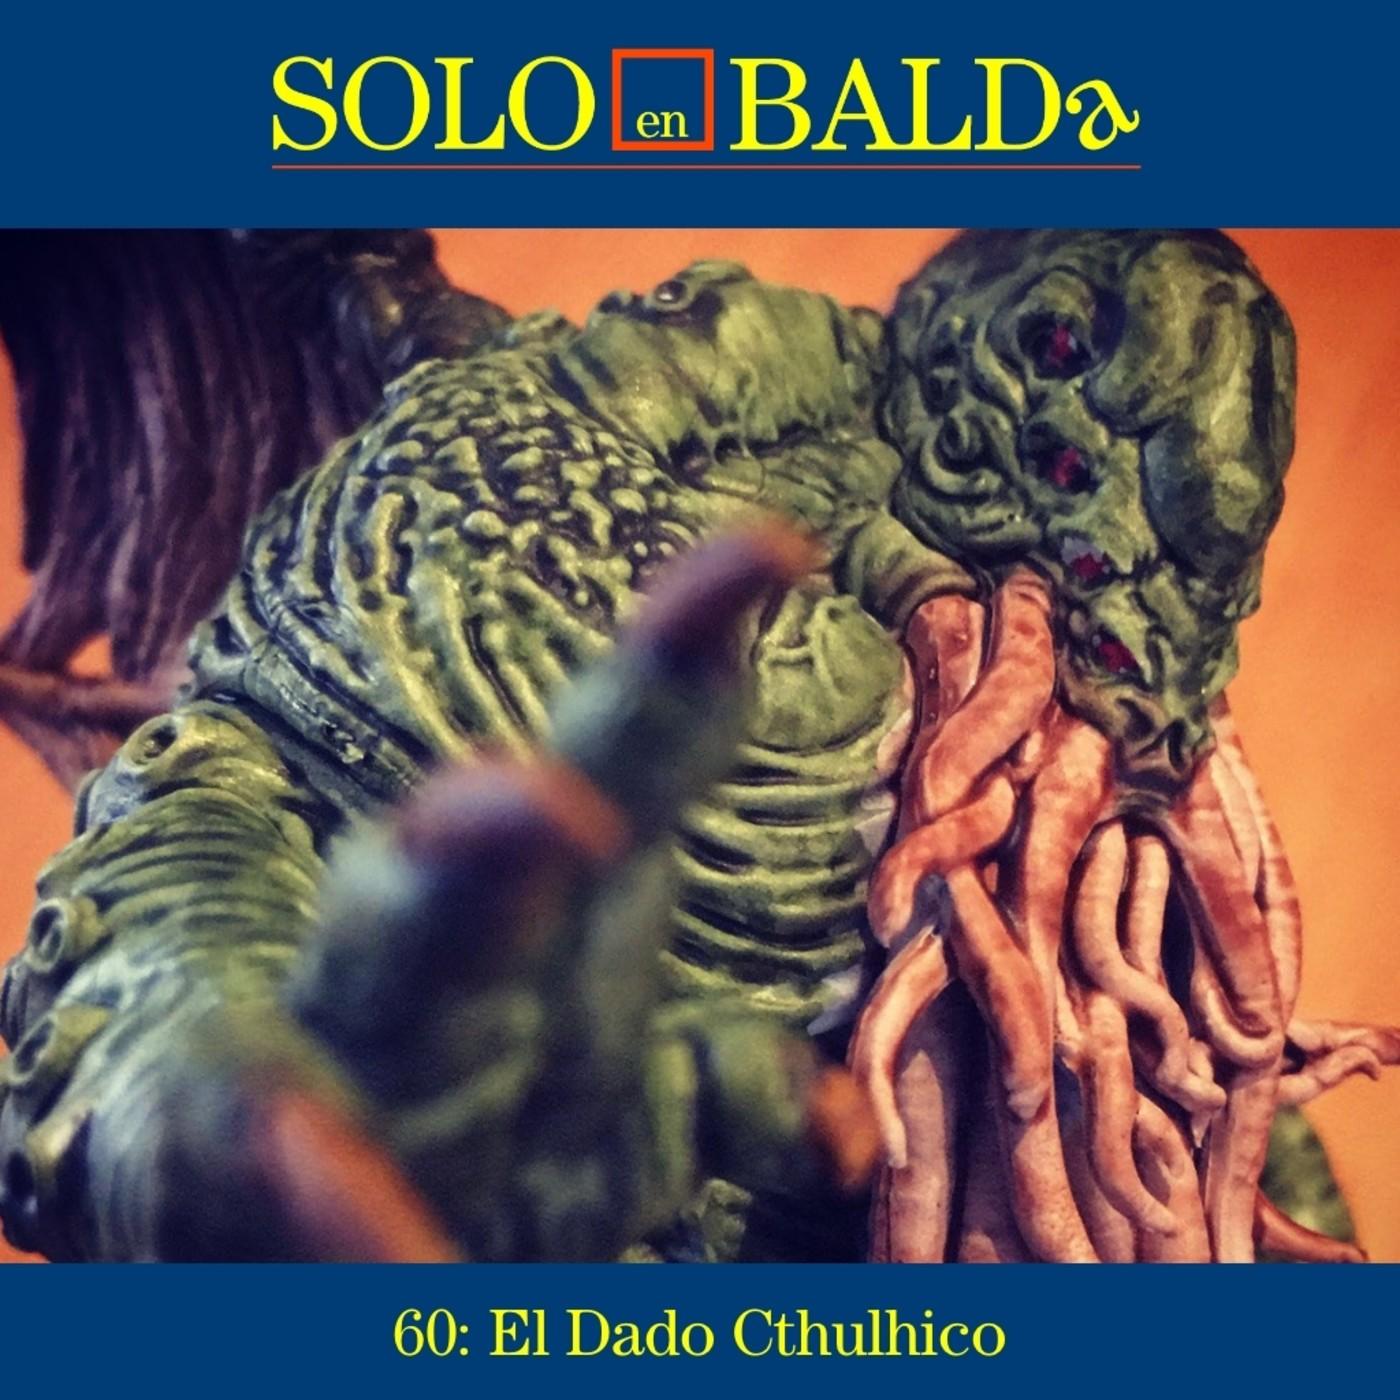 60: El Dado Cthulhico